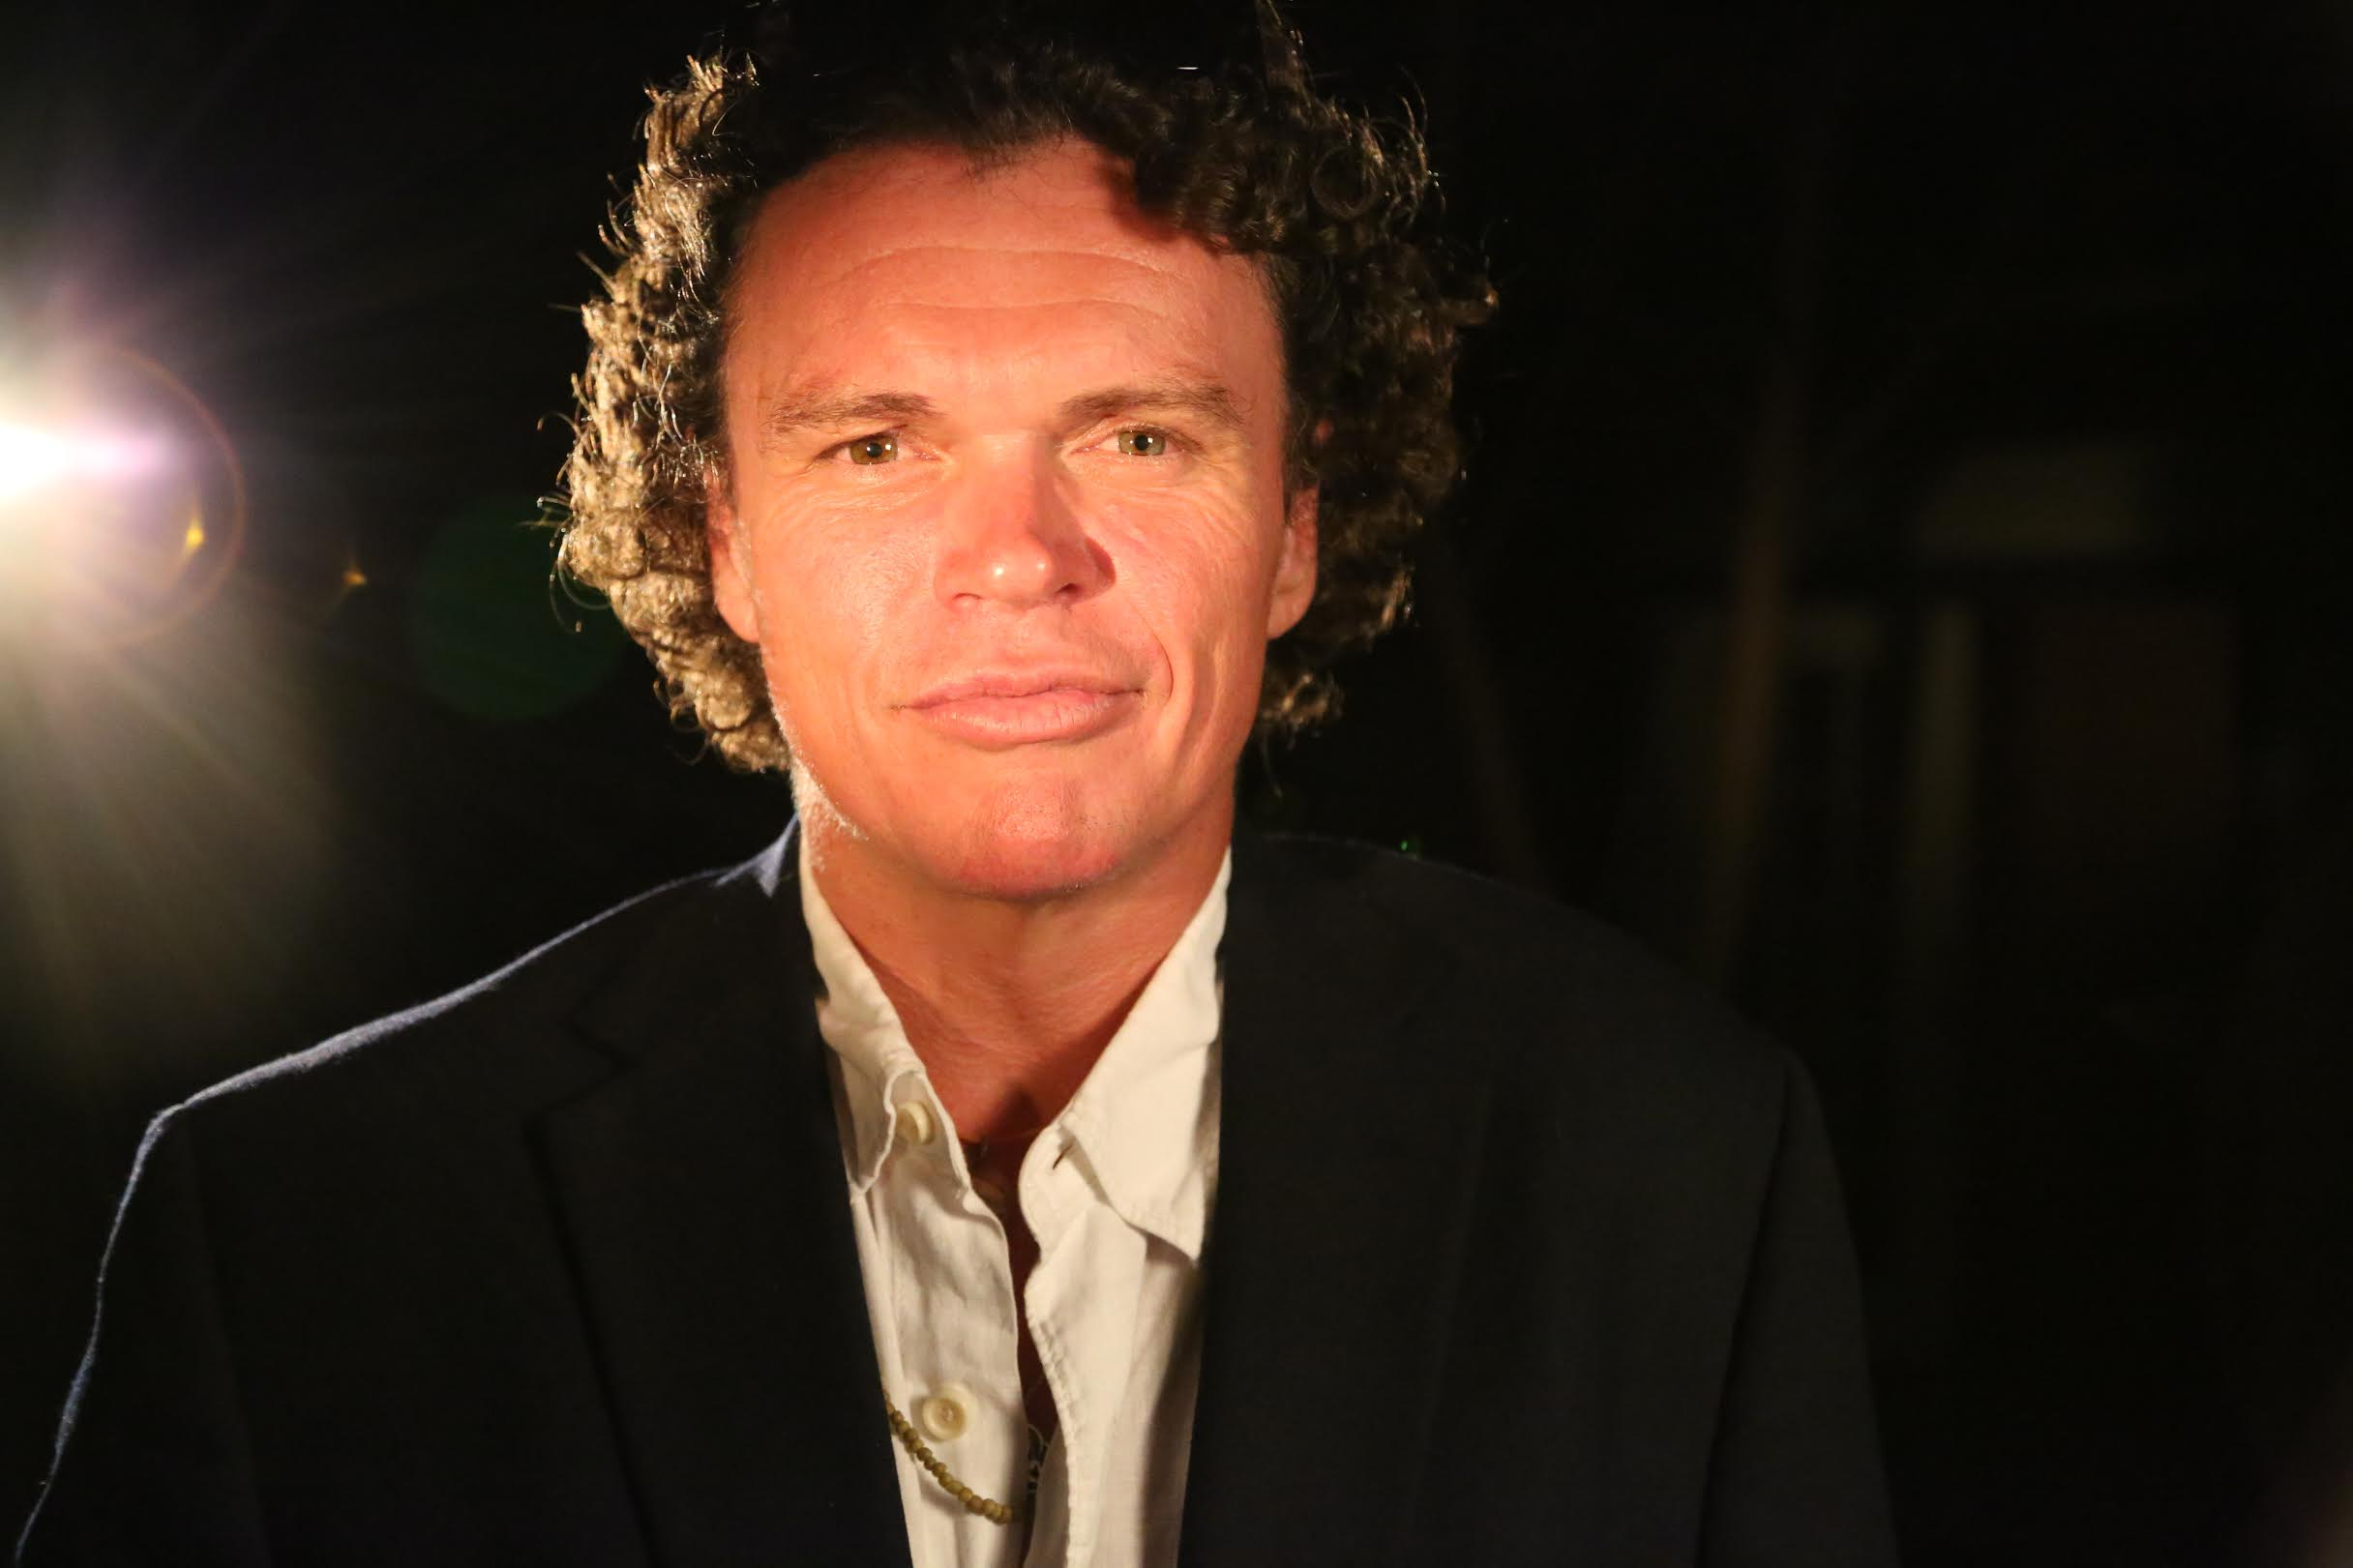 Inspirational Speaker, Gary Guller, Motivational Speaker